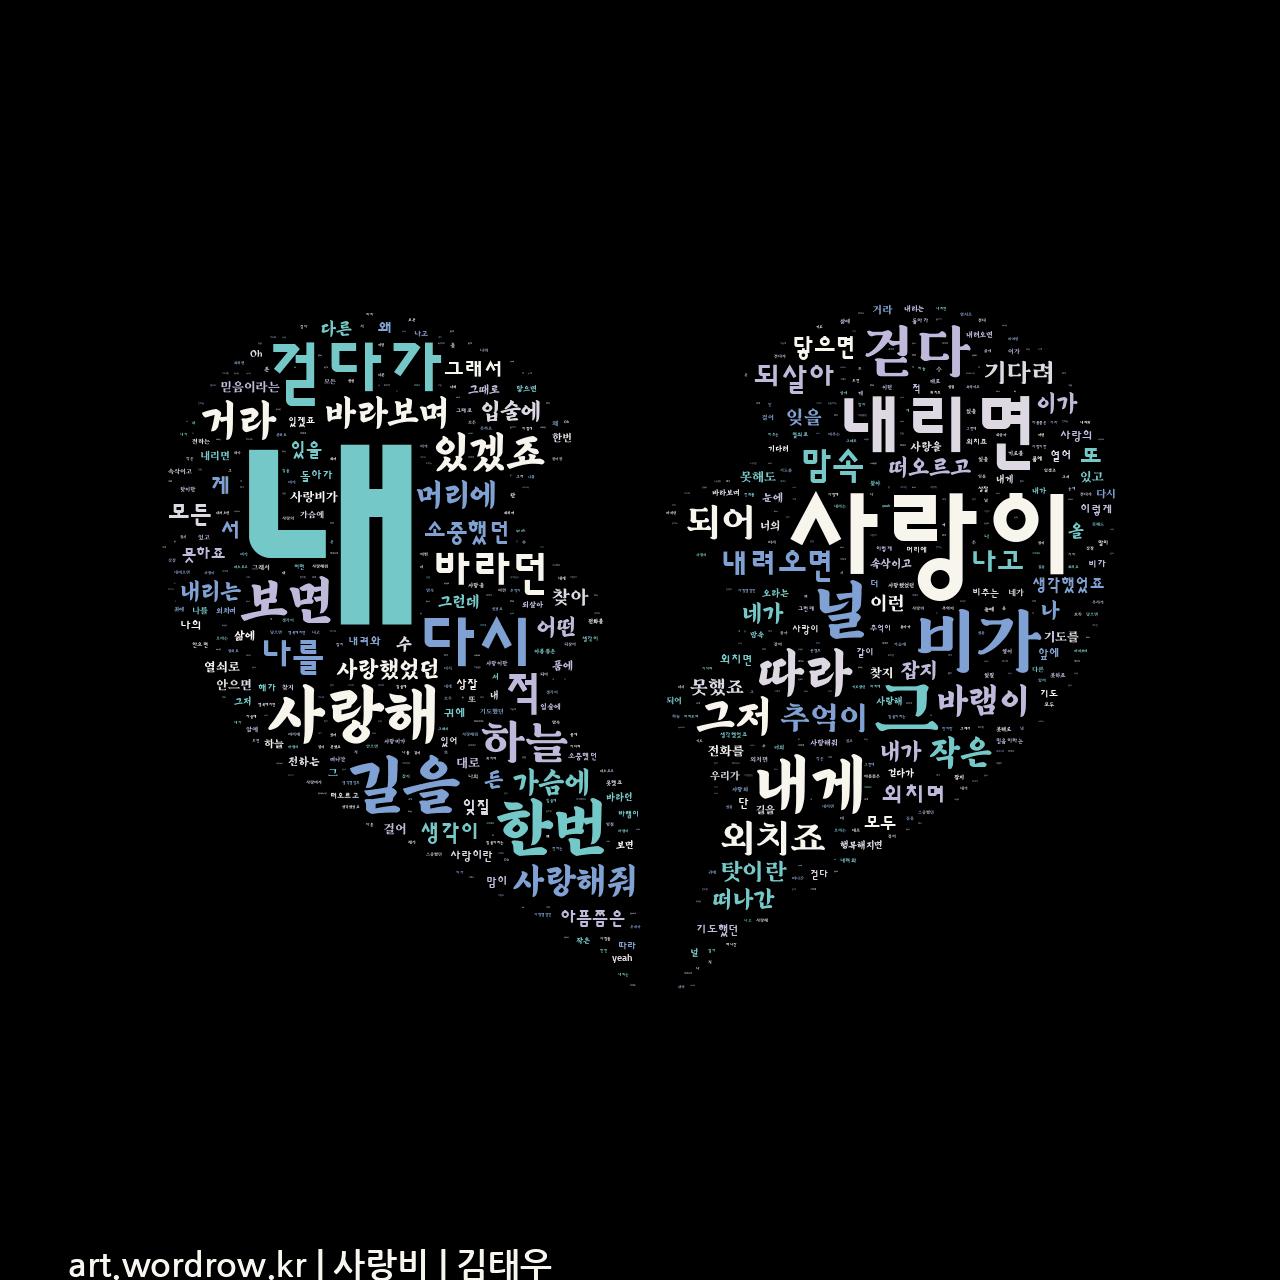 워드 클라우드: 사랑비 [김태우]-12